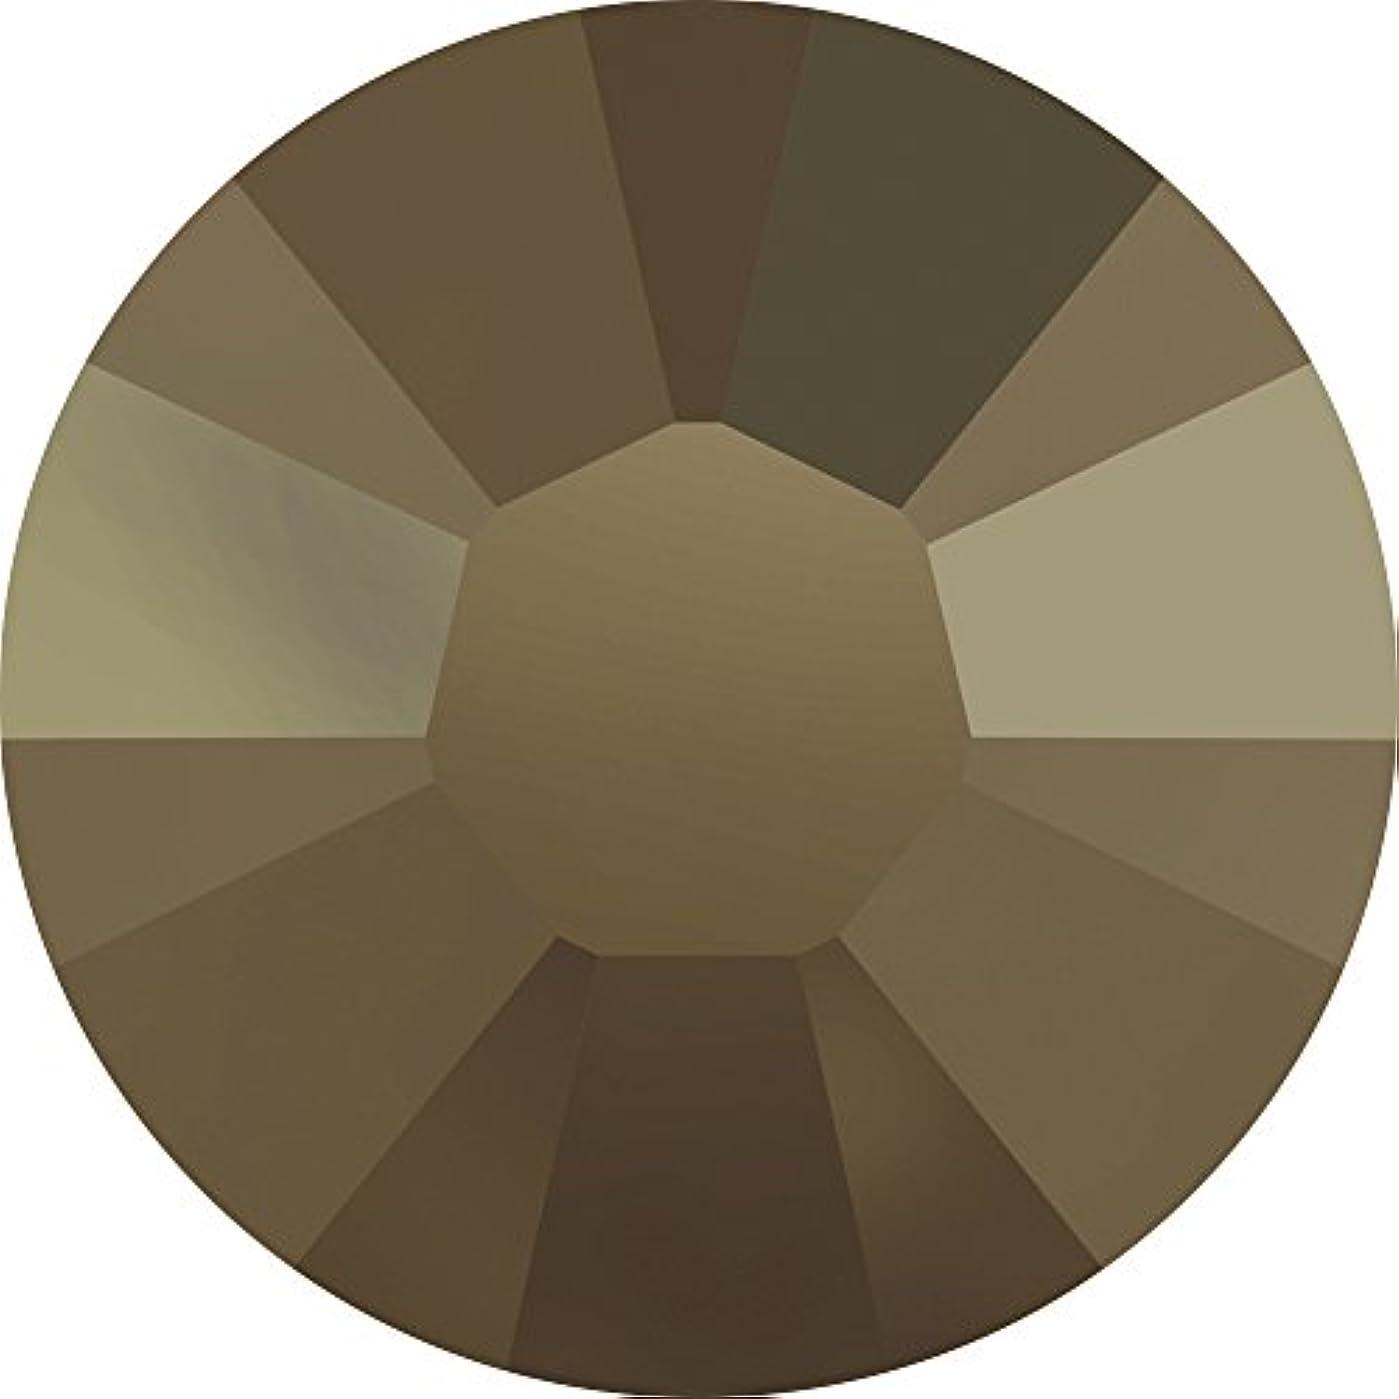 鈍い周囲はさみネイルアートパーツ SS12 メタリックLtゴールド1440P